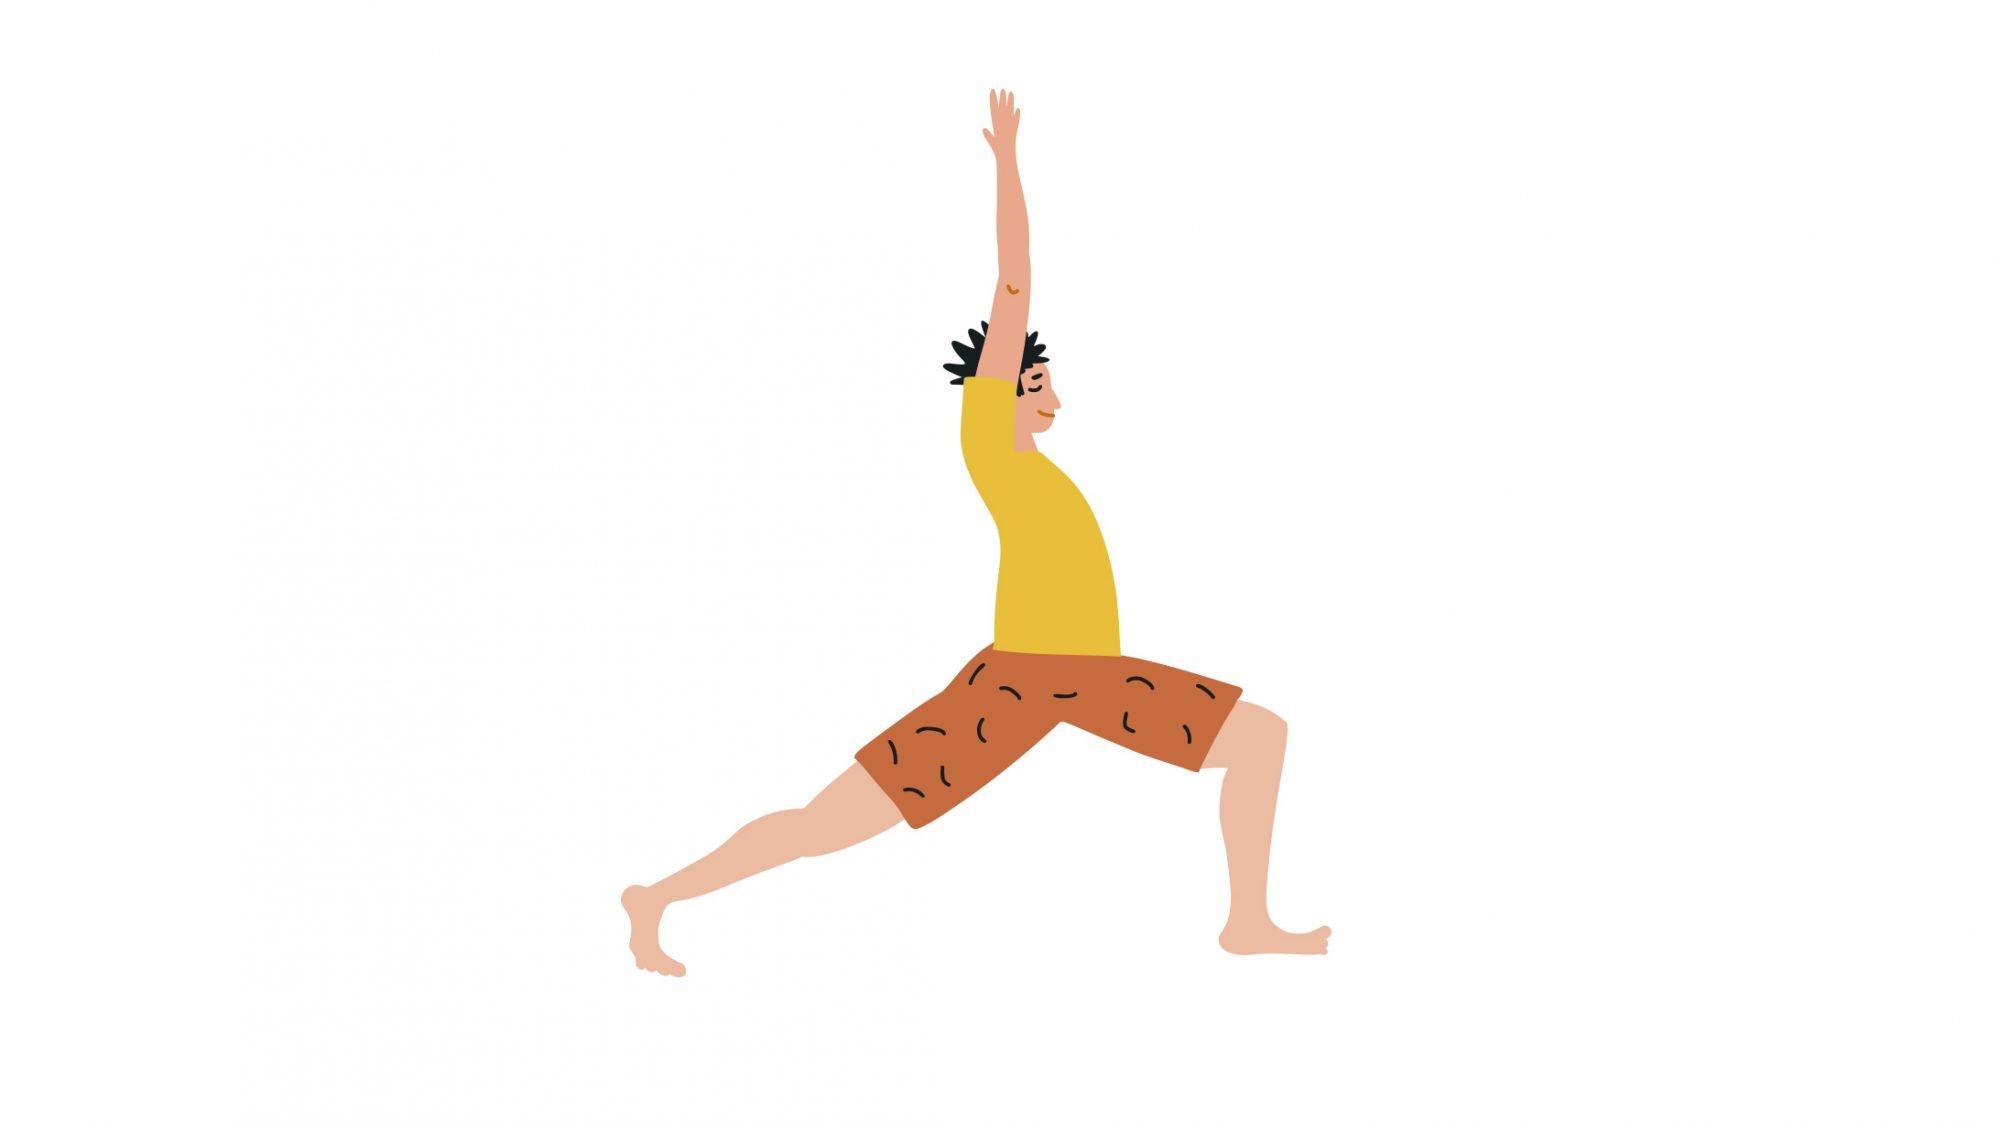 Illustration eines Mannes, der Yoga macht.